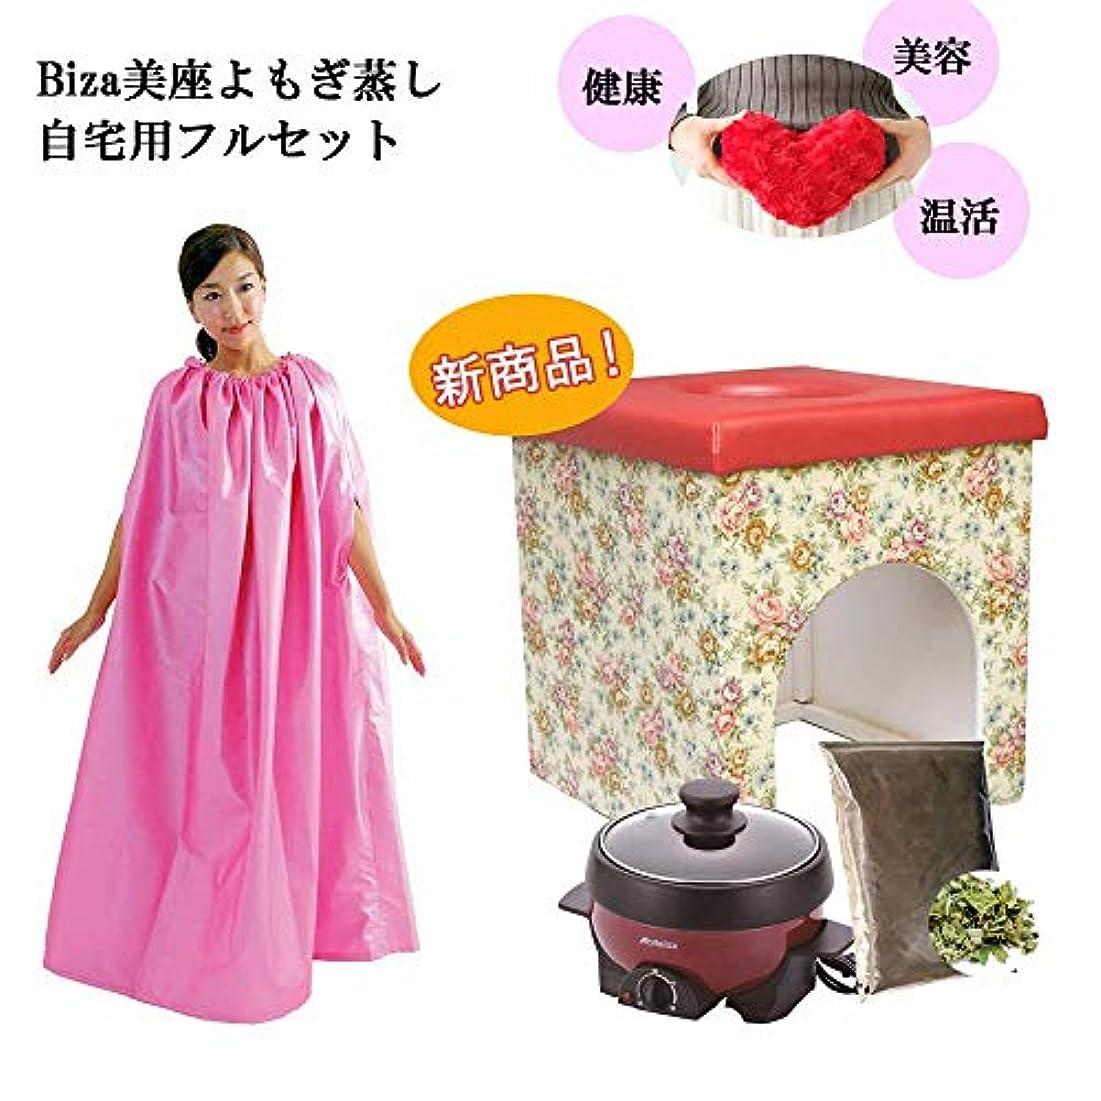 即席動力学起きるまる温 よもぎ蒸し自宅用フルセット【ローズ002】 (ピンク)